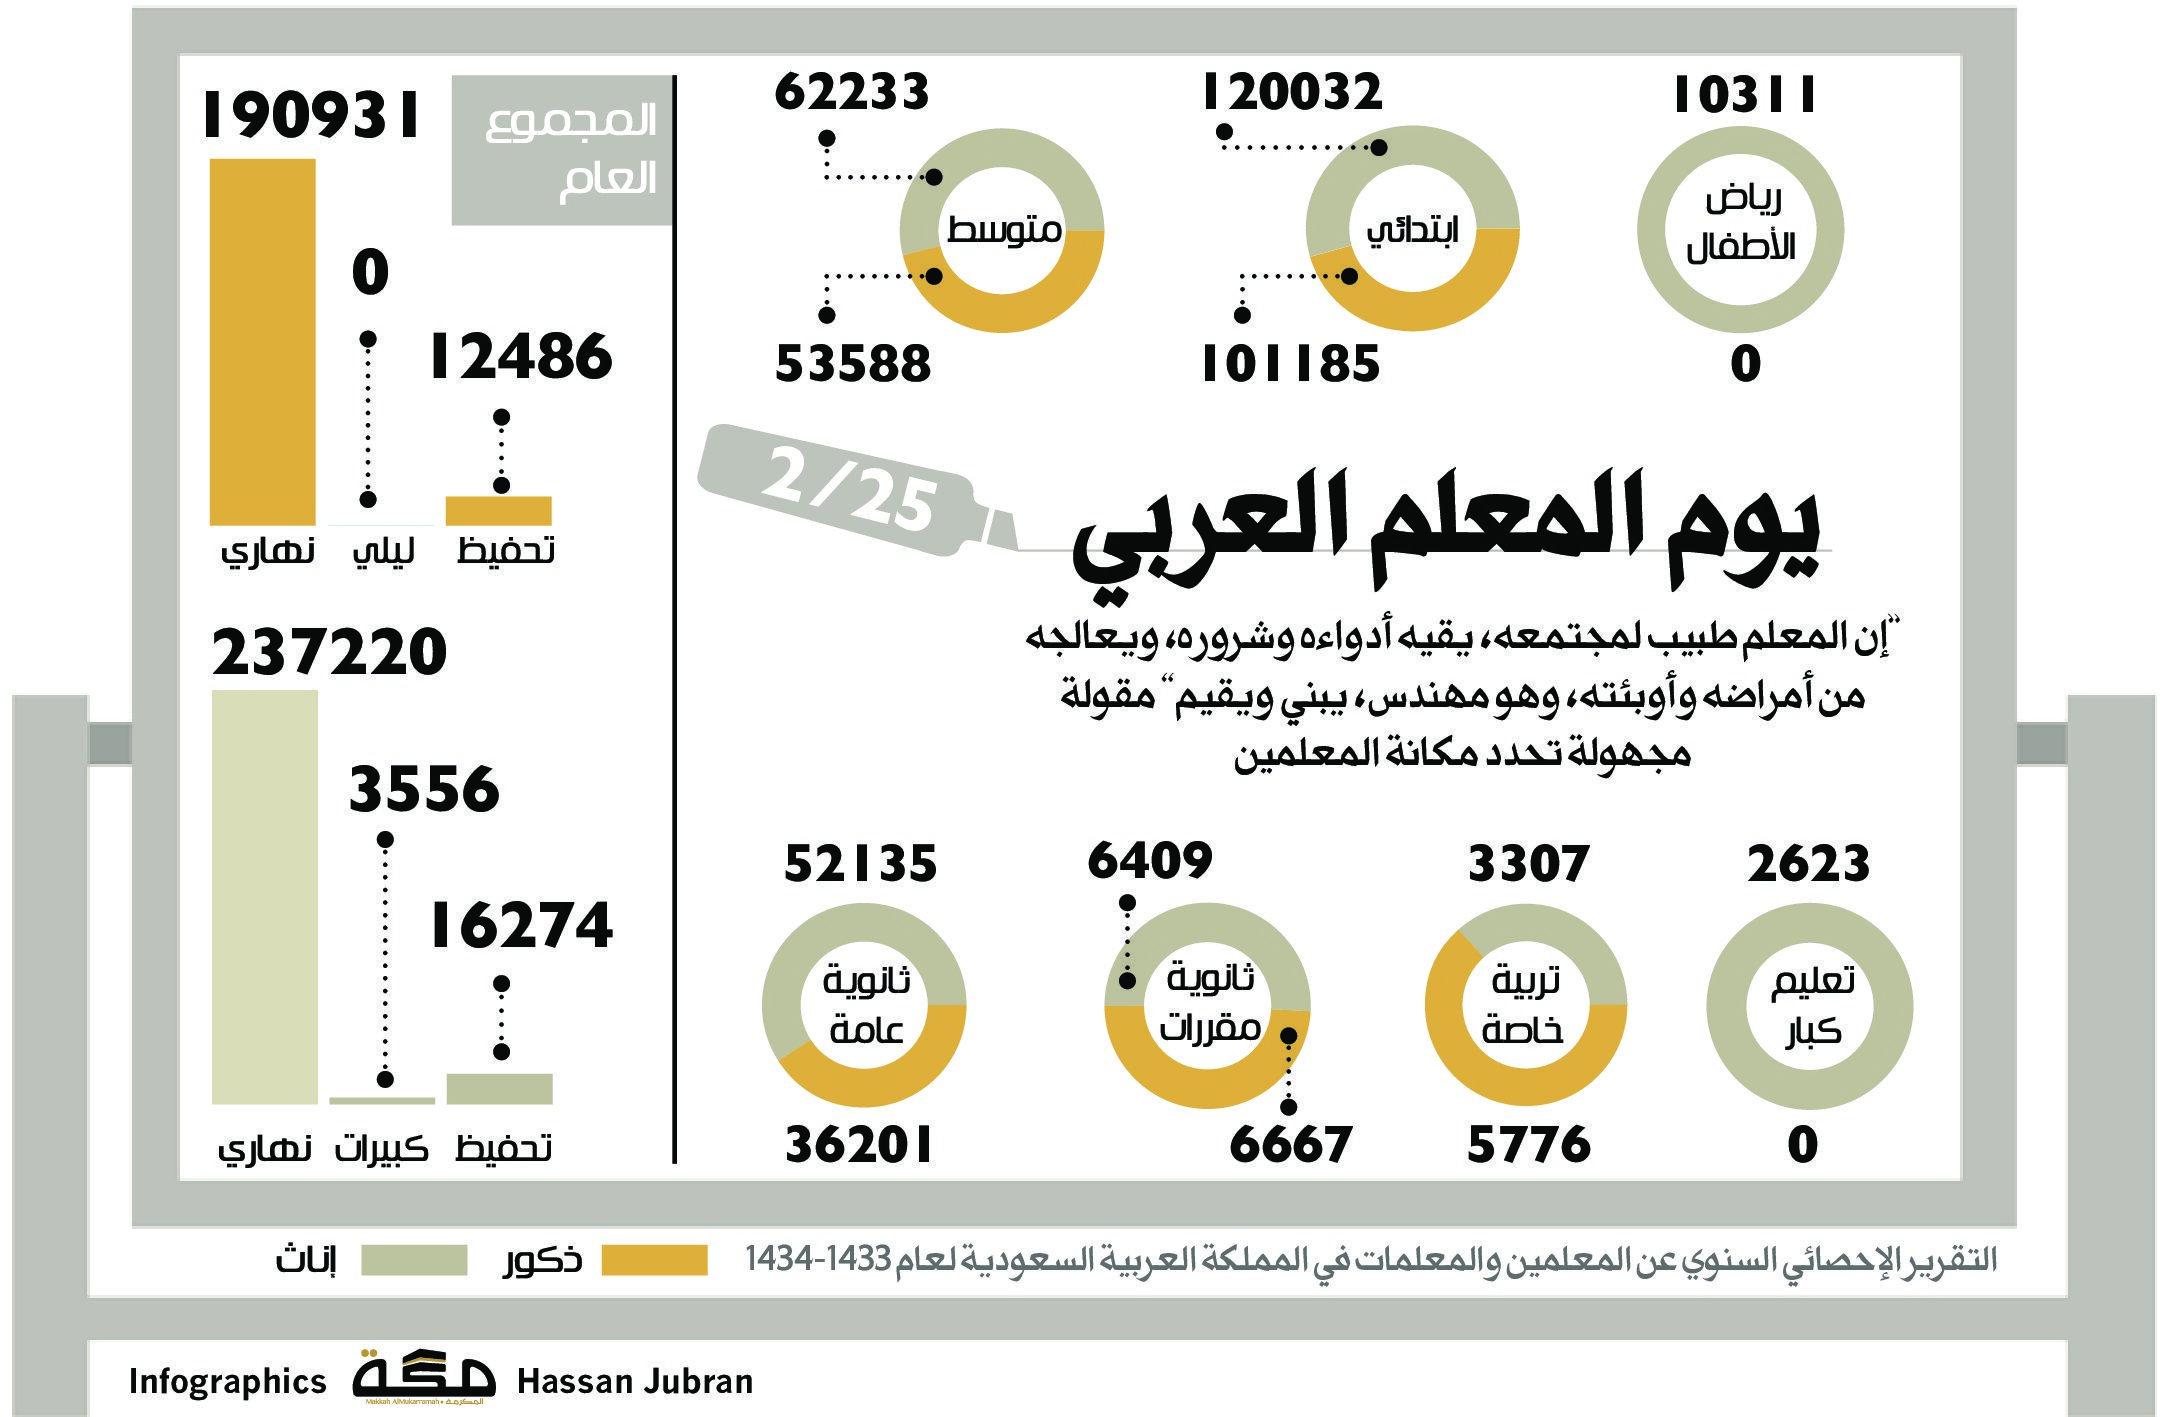 يوم المعلم العربي صحيفةـمكة انفوجرافيك الأيام العالمية Infographic Makkah